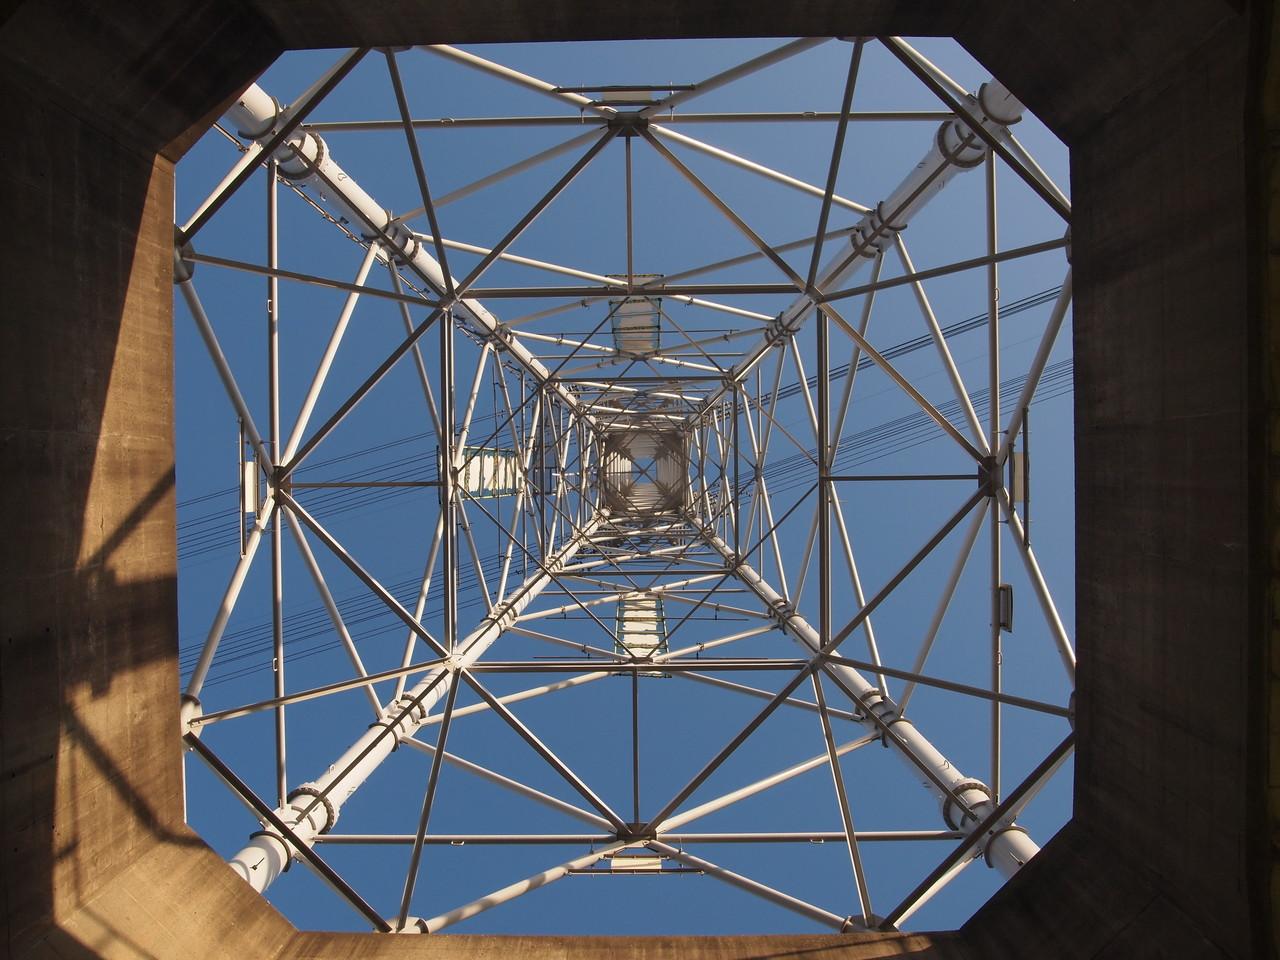 台座付き鉄塔の結界。2014年9月撮影。